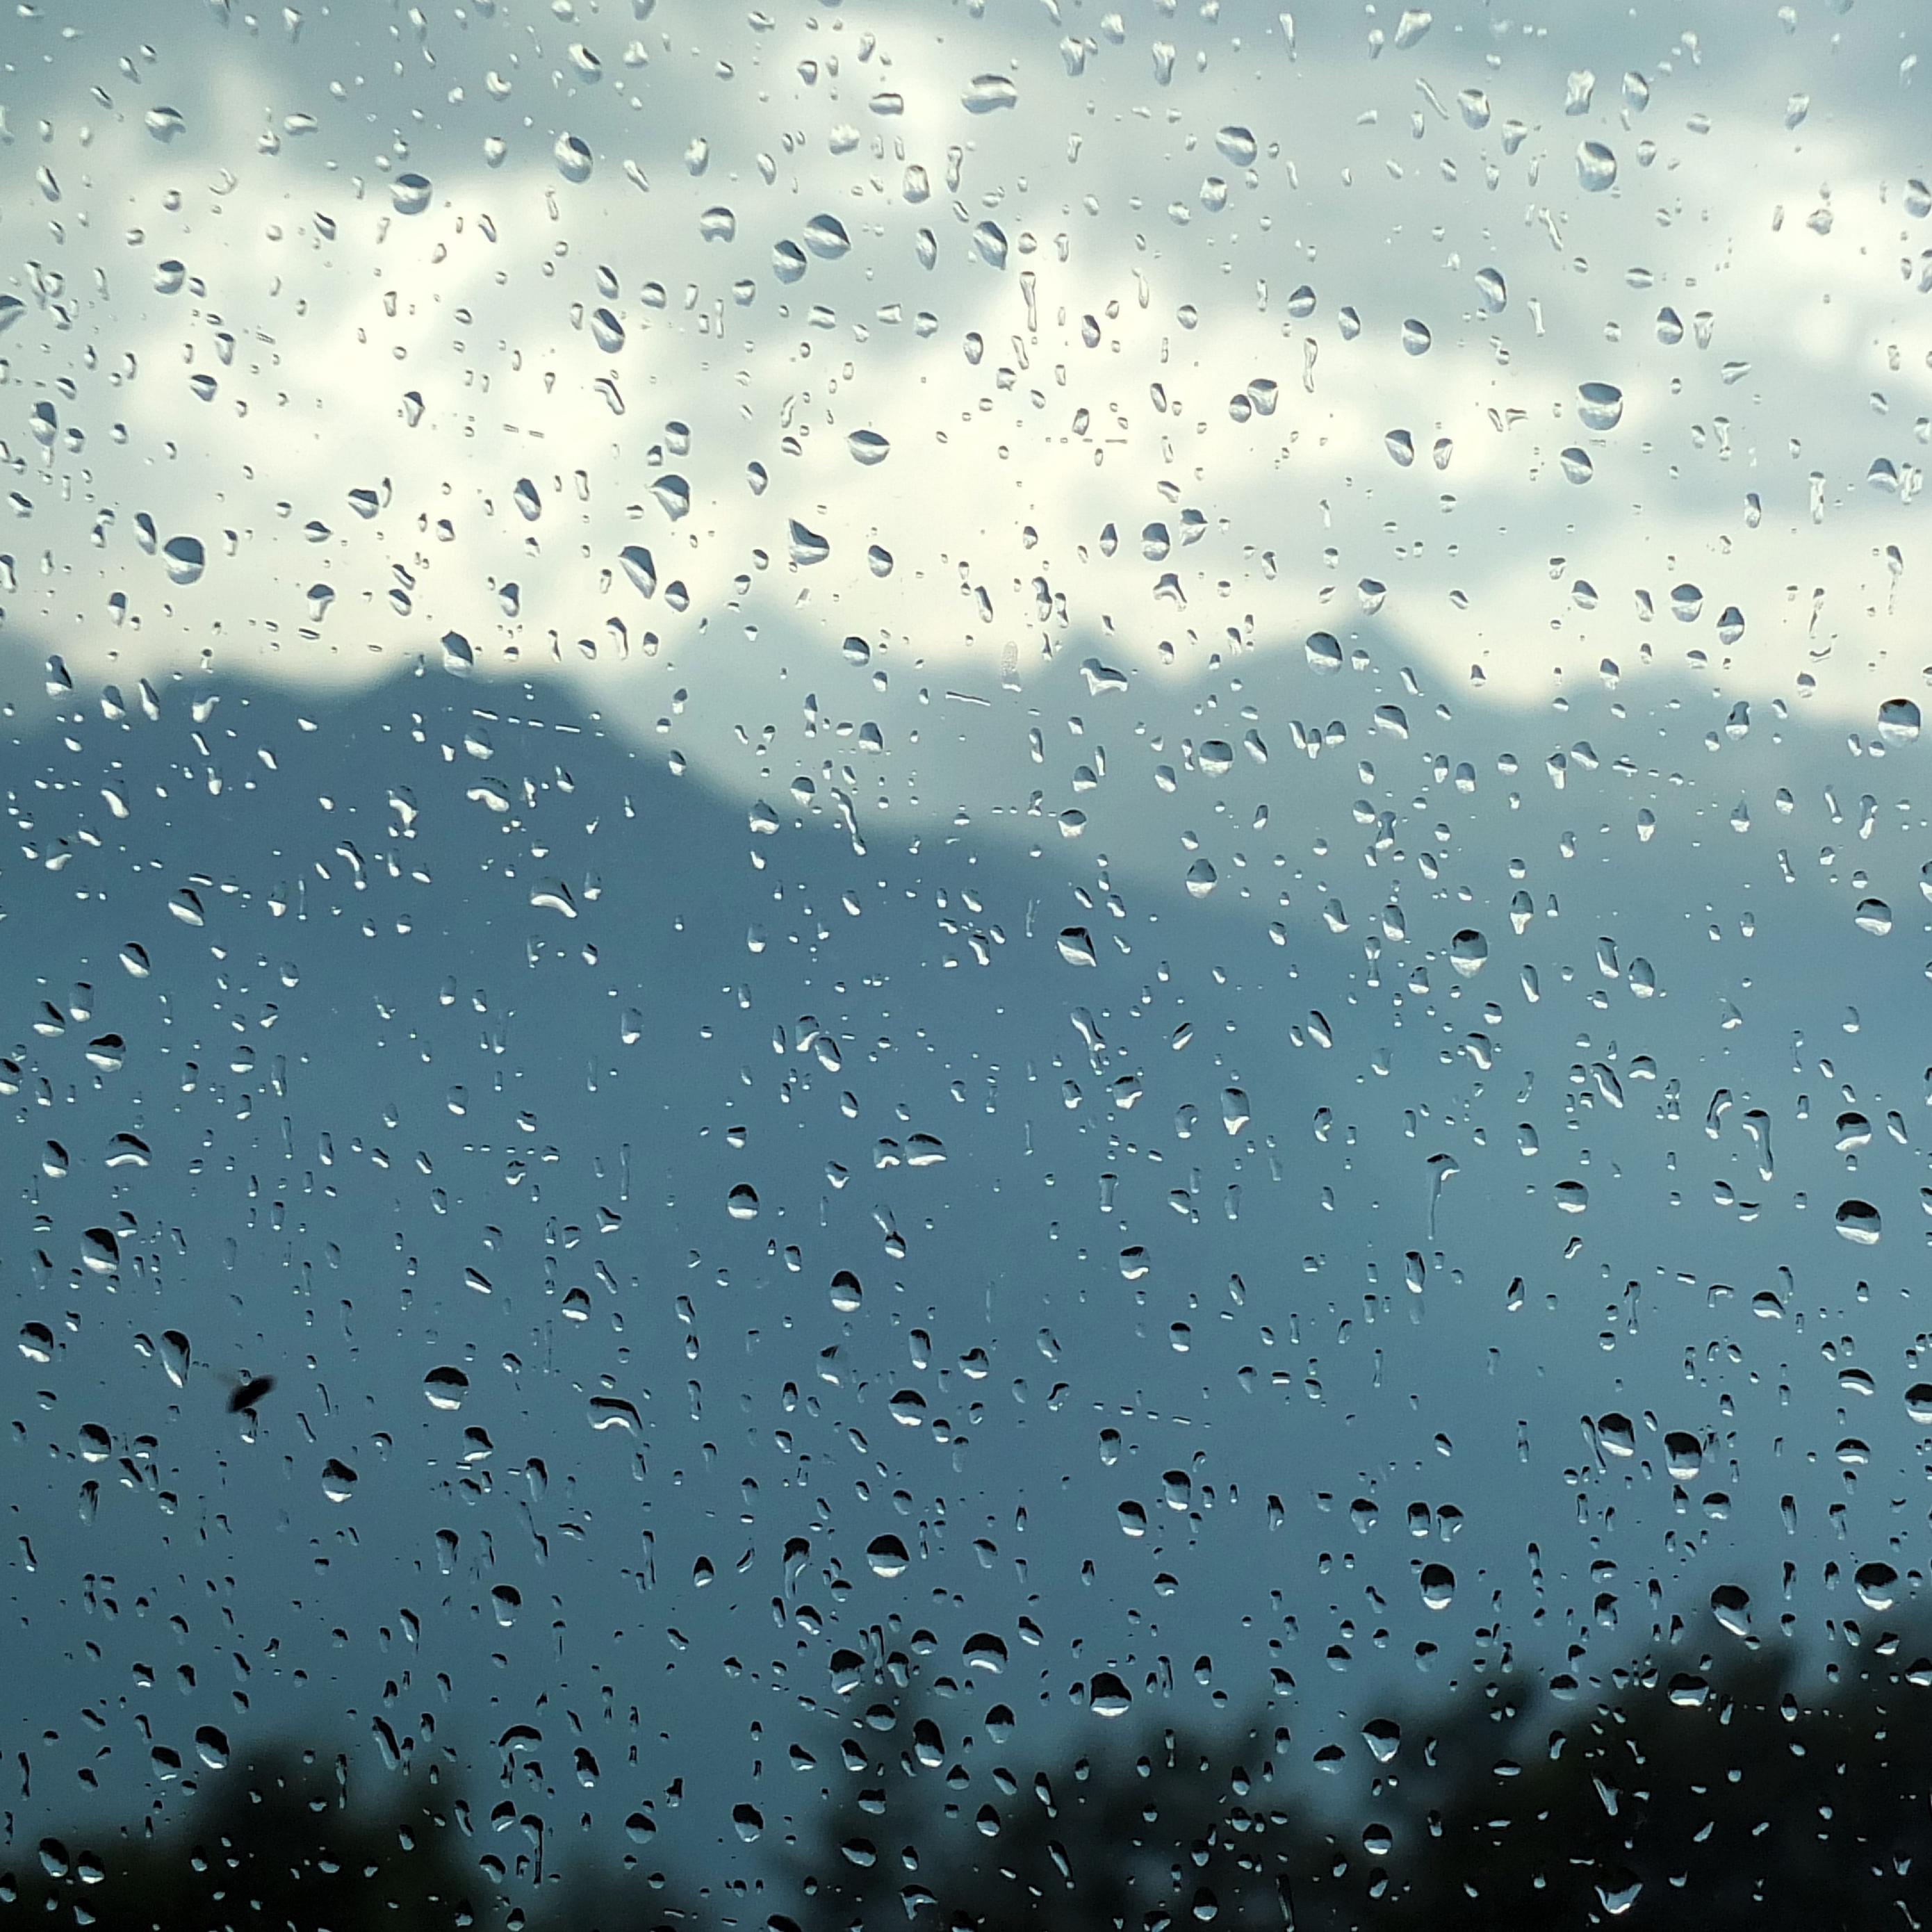 Download wallpaper 2780x2780 glass drops rain moisture blur 2780x2780